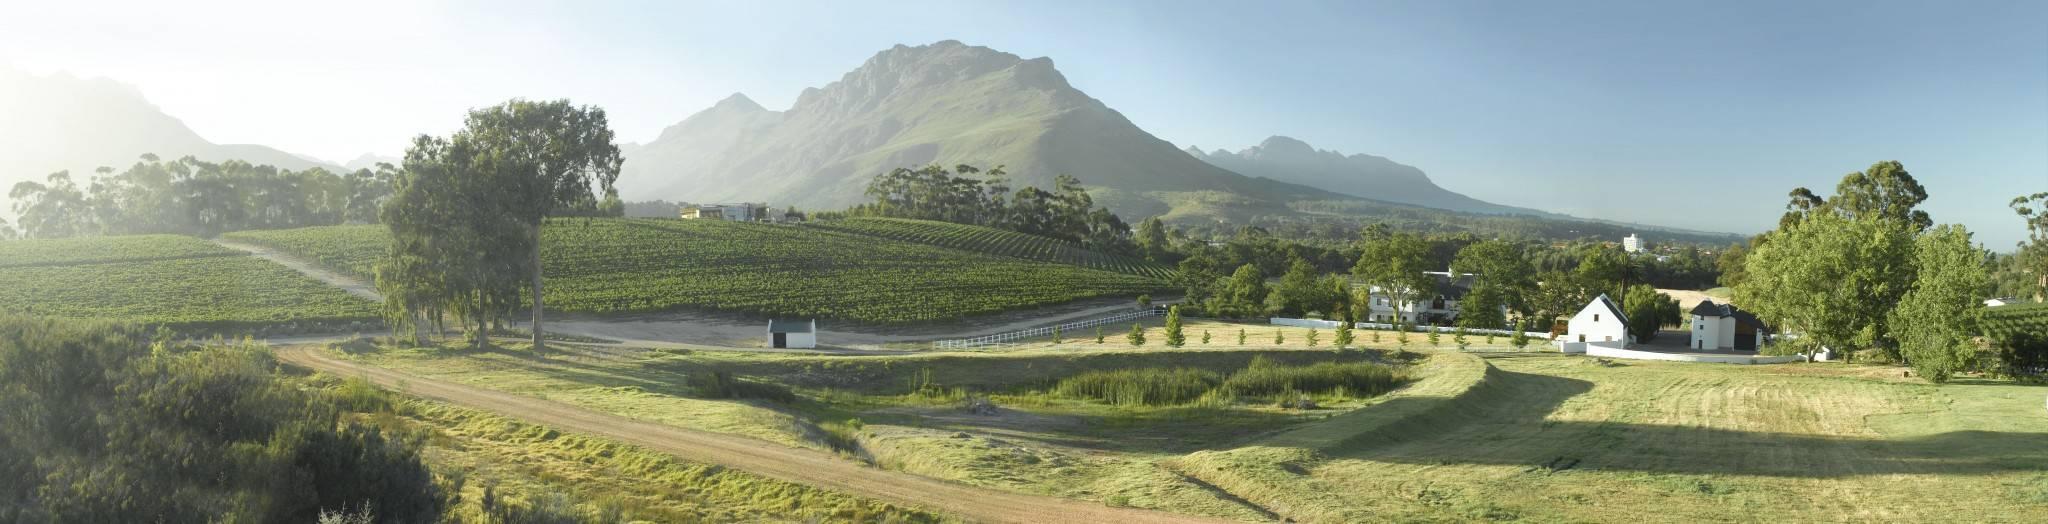 Kaaps Wijnhuis - bijzondere boutique wijnen uit Zuid-Afrika